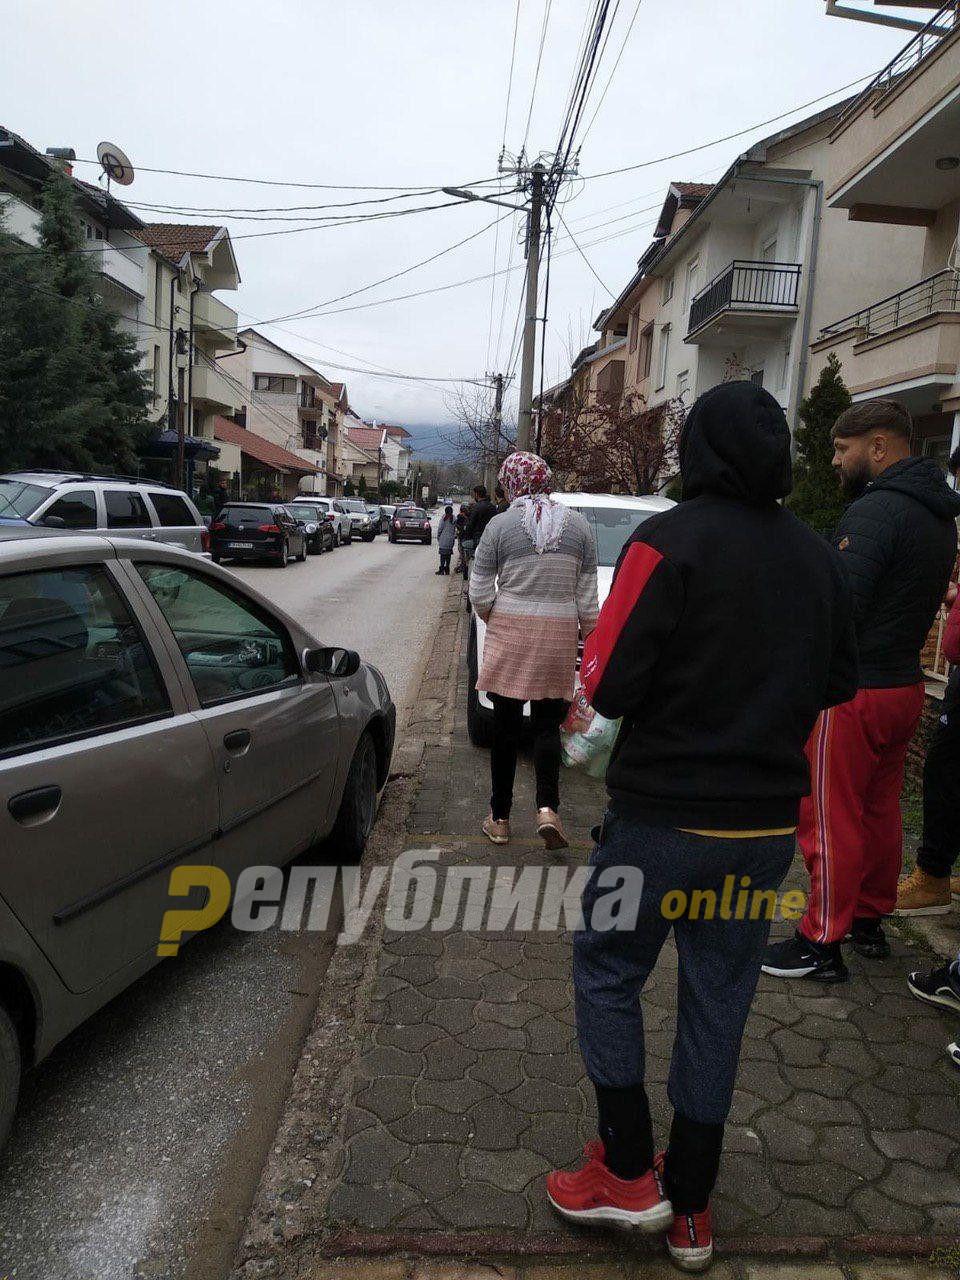 Хуманитарна помош или изборен поткуп: Брашно, компири и тоалетна хартија за Ромите во Струмица?!